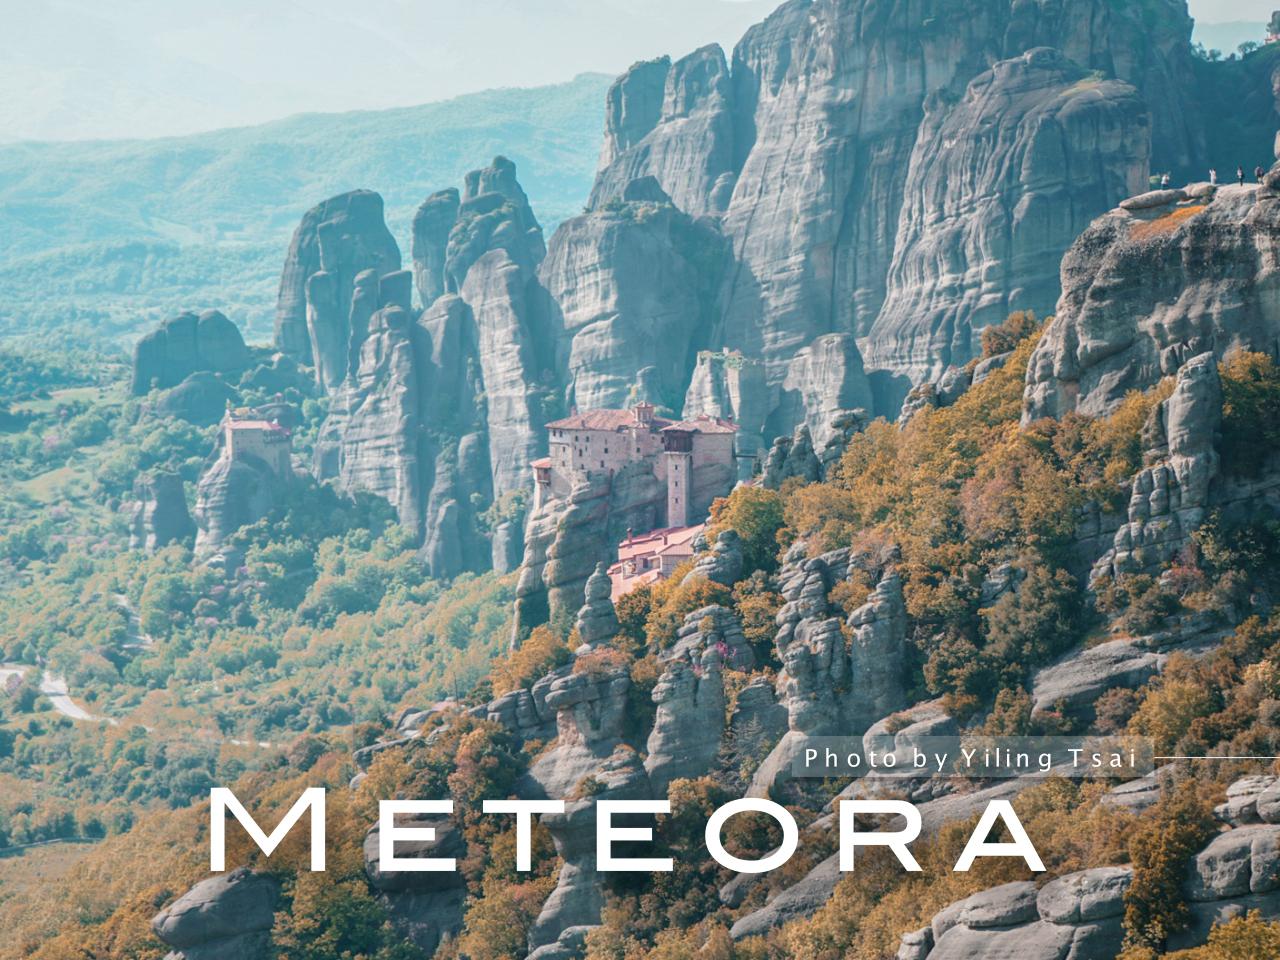 希臘梅特歐拉修道院攻略 六大修道院參觀時間、交通、行程安排總整理